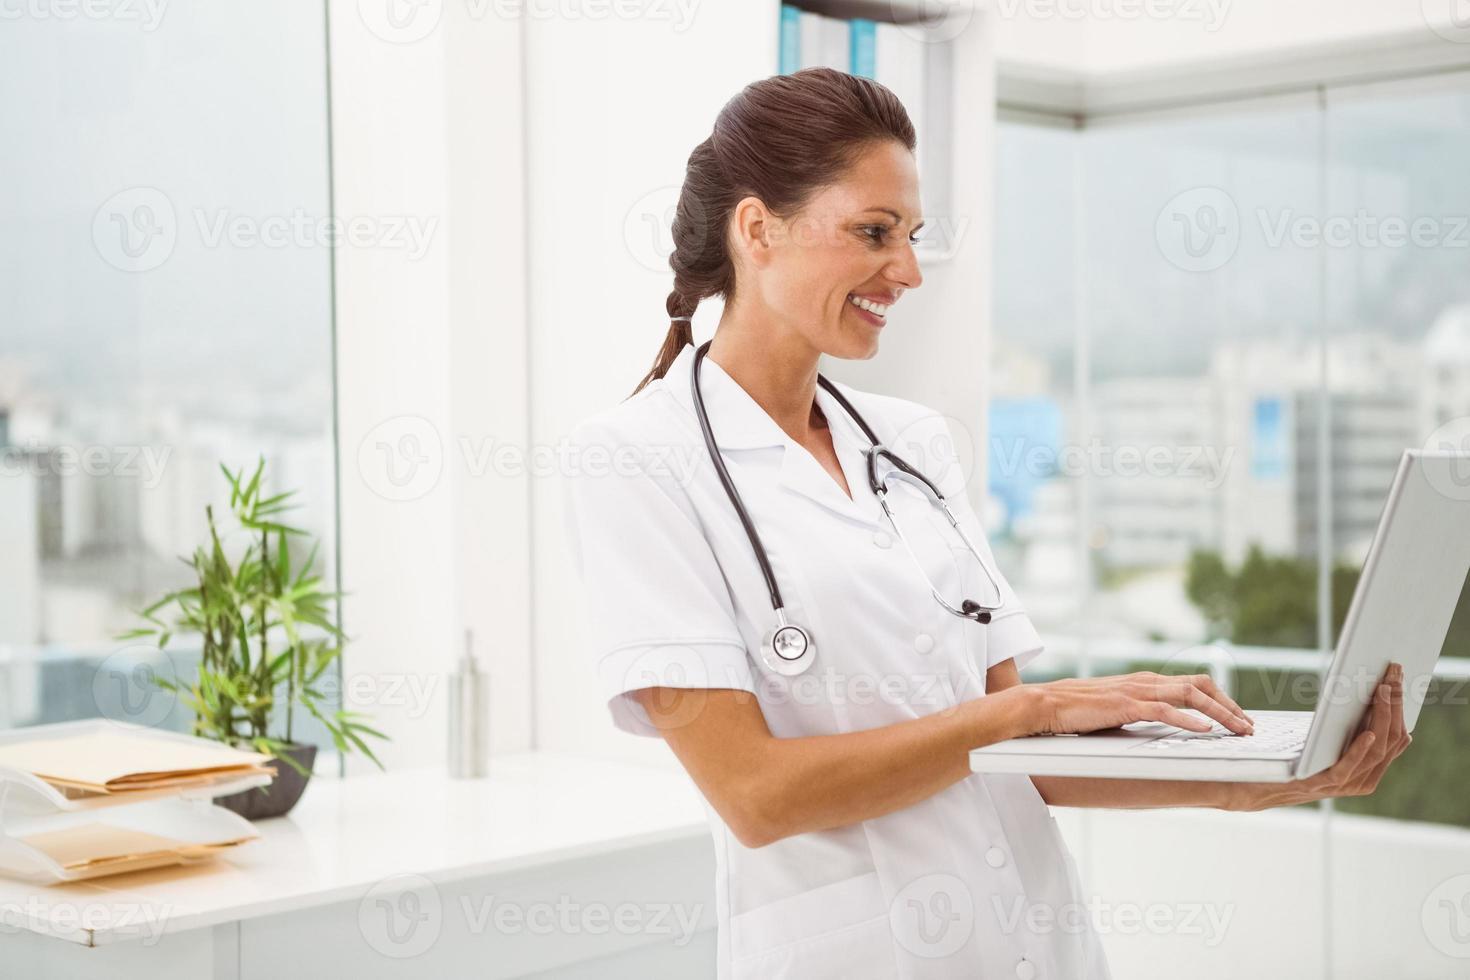 Ärztin mit Laptop in der Arztpraxis foto